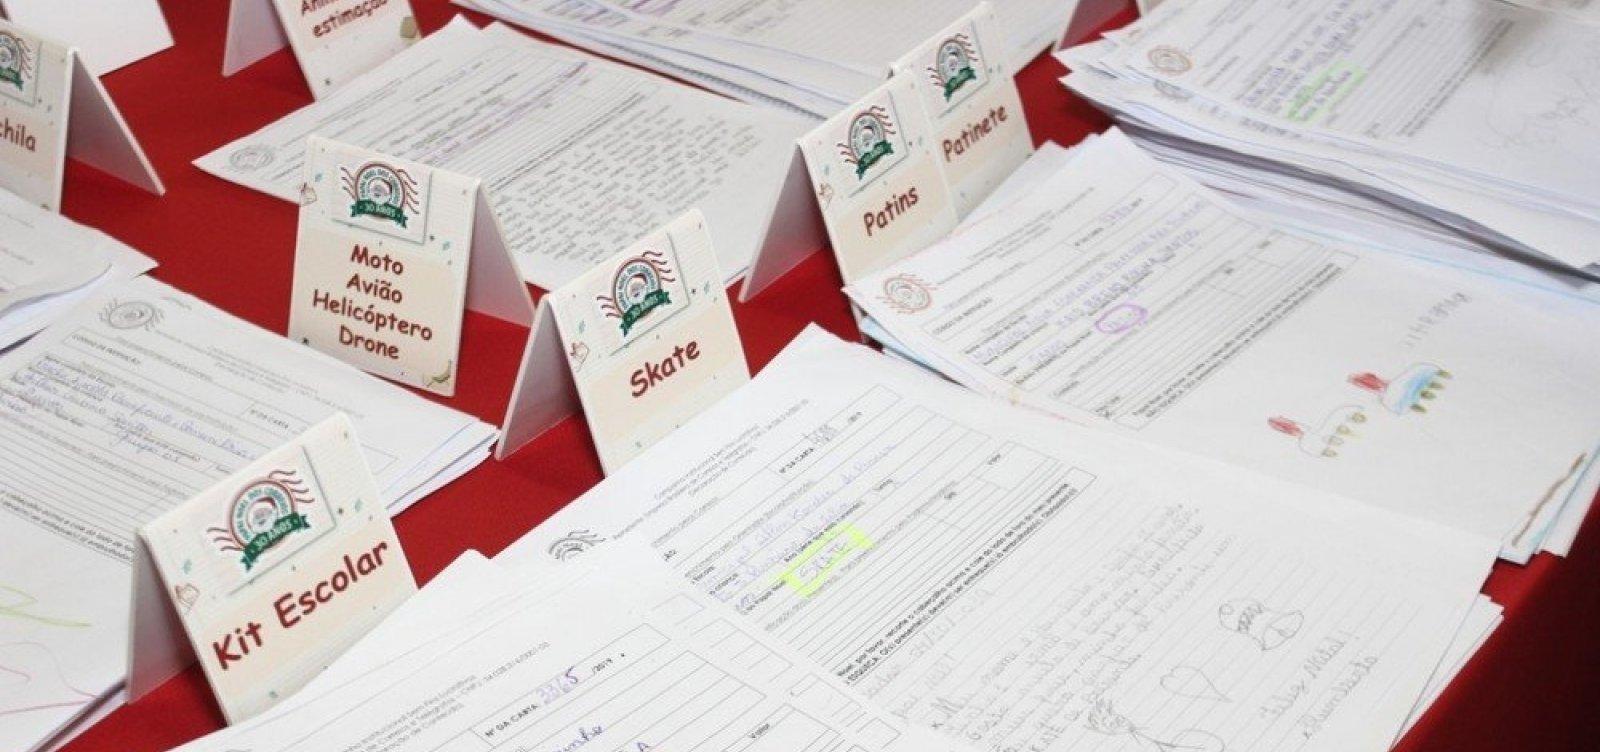 Cartas da campanha Papai Noel dos Correios podem ser 'adotadas' até dia 6 de dezembro